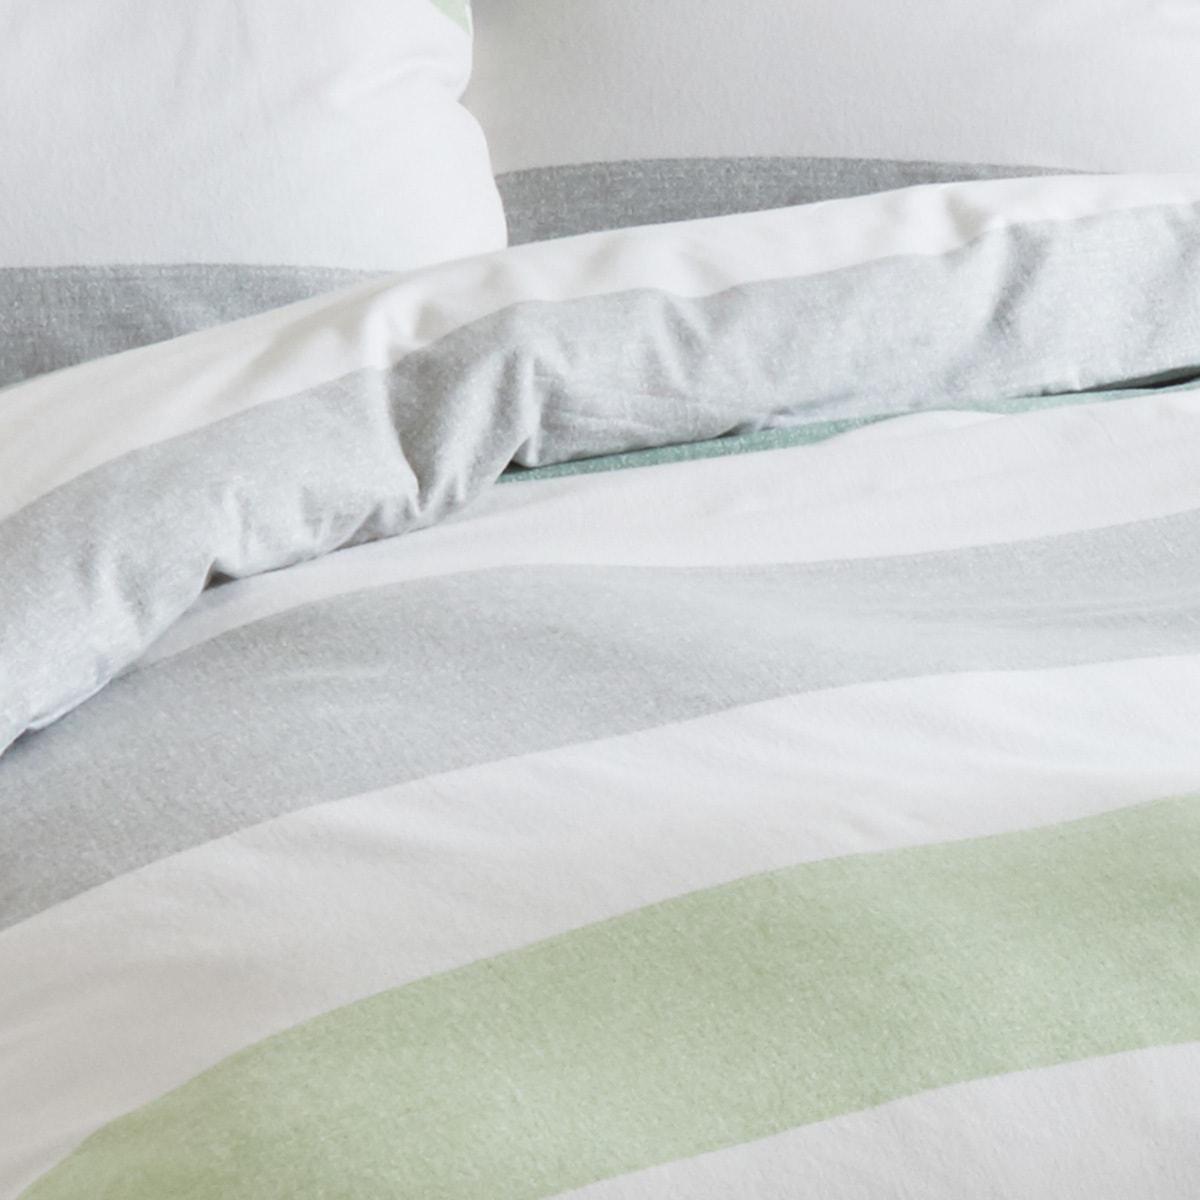 traumschlaf biber bettw sche streifen gr n g nstig online kaufen bei bettwaren shop. Black Bedroom Furniture Sets. Home Design Ideas